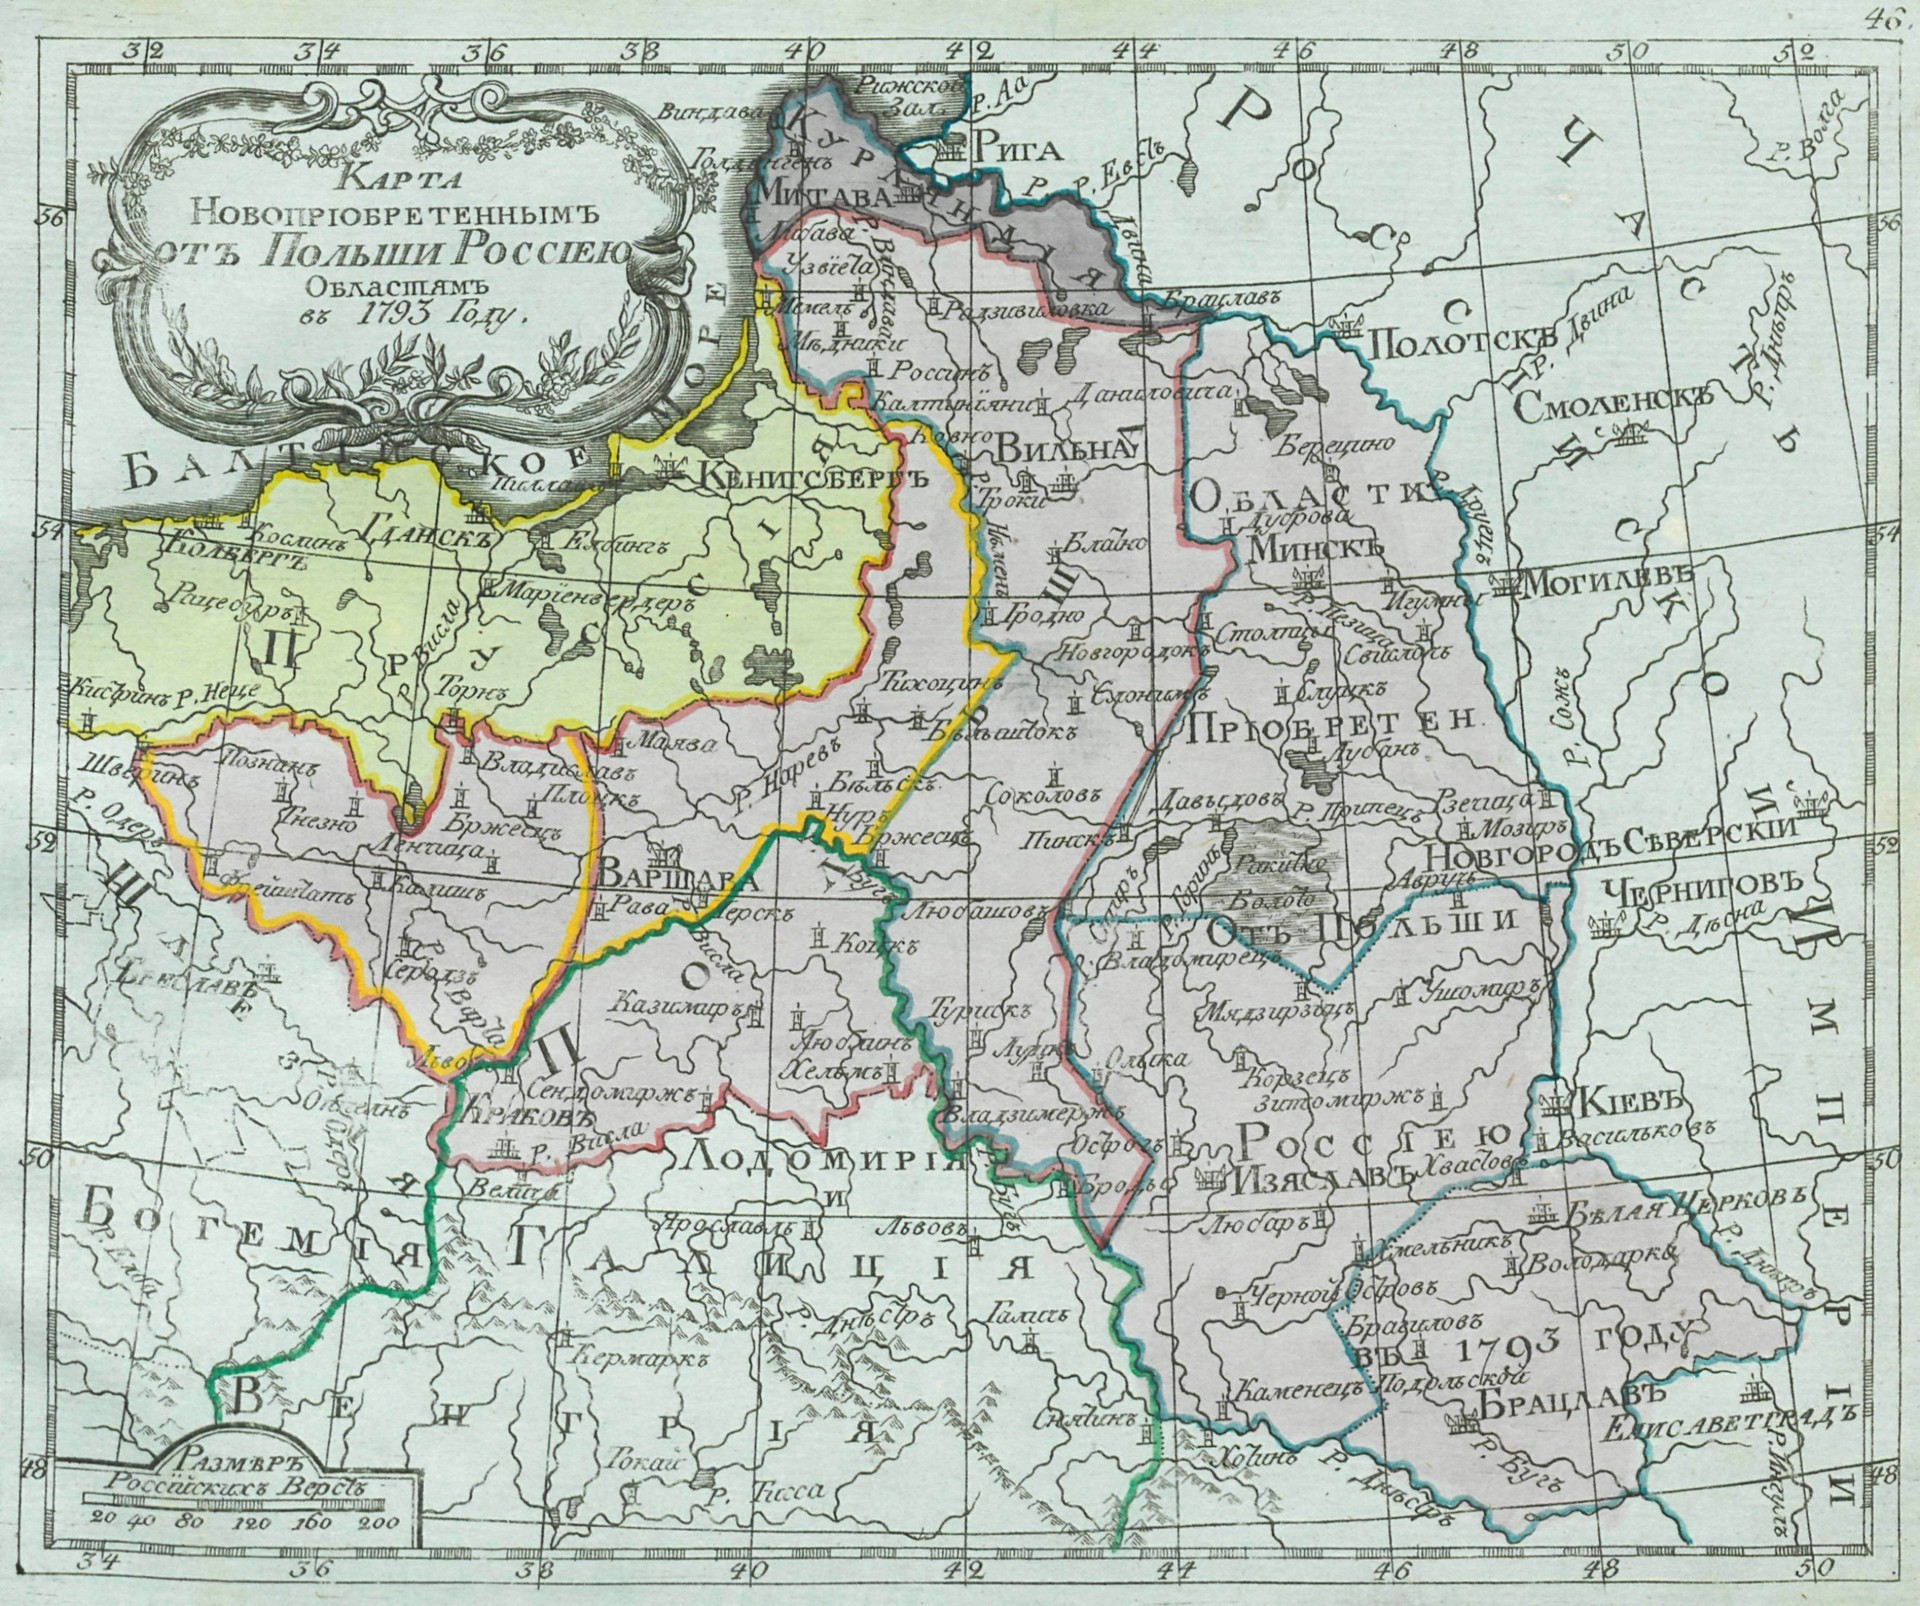 «Карта новоприобретённых от Польши Россией областей в 1793 году». Атлас Российской империи, 1793 год, №26